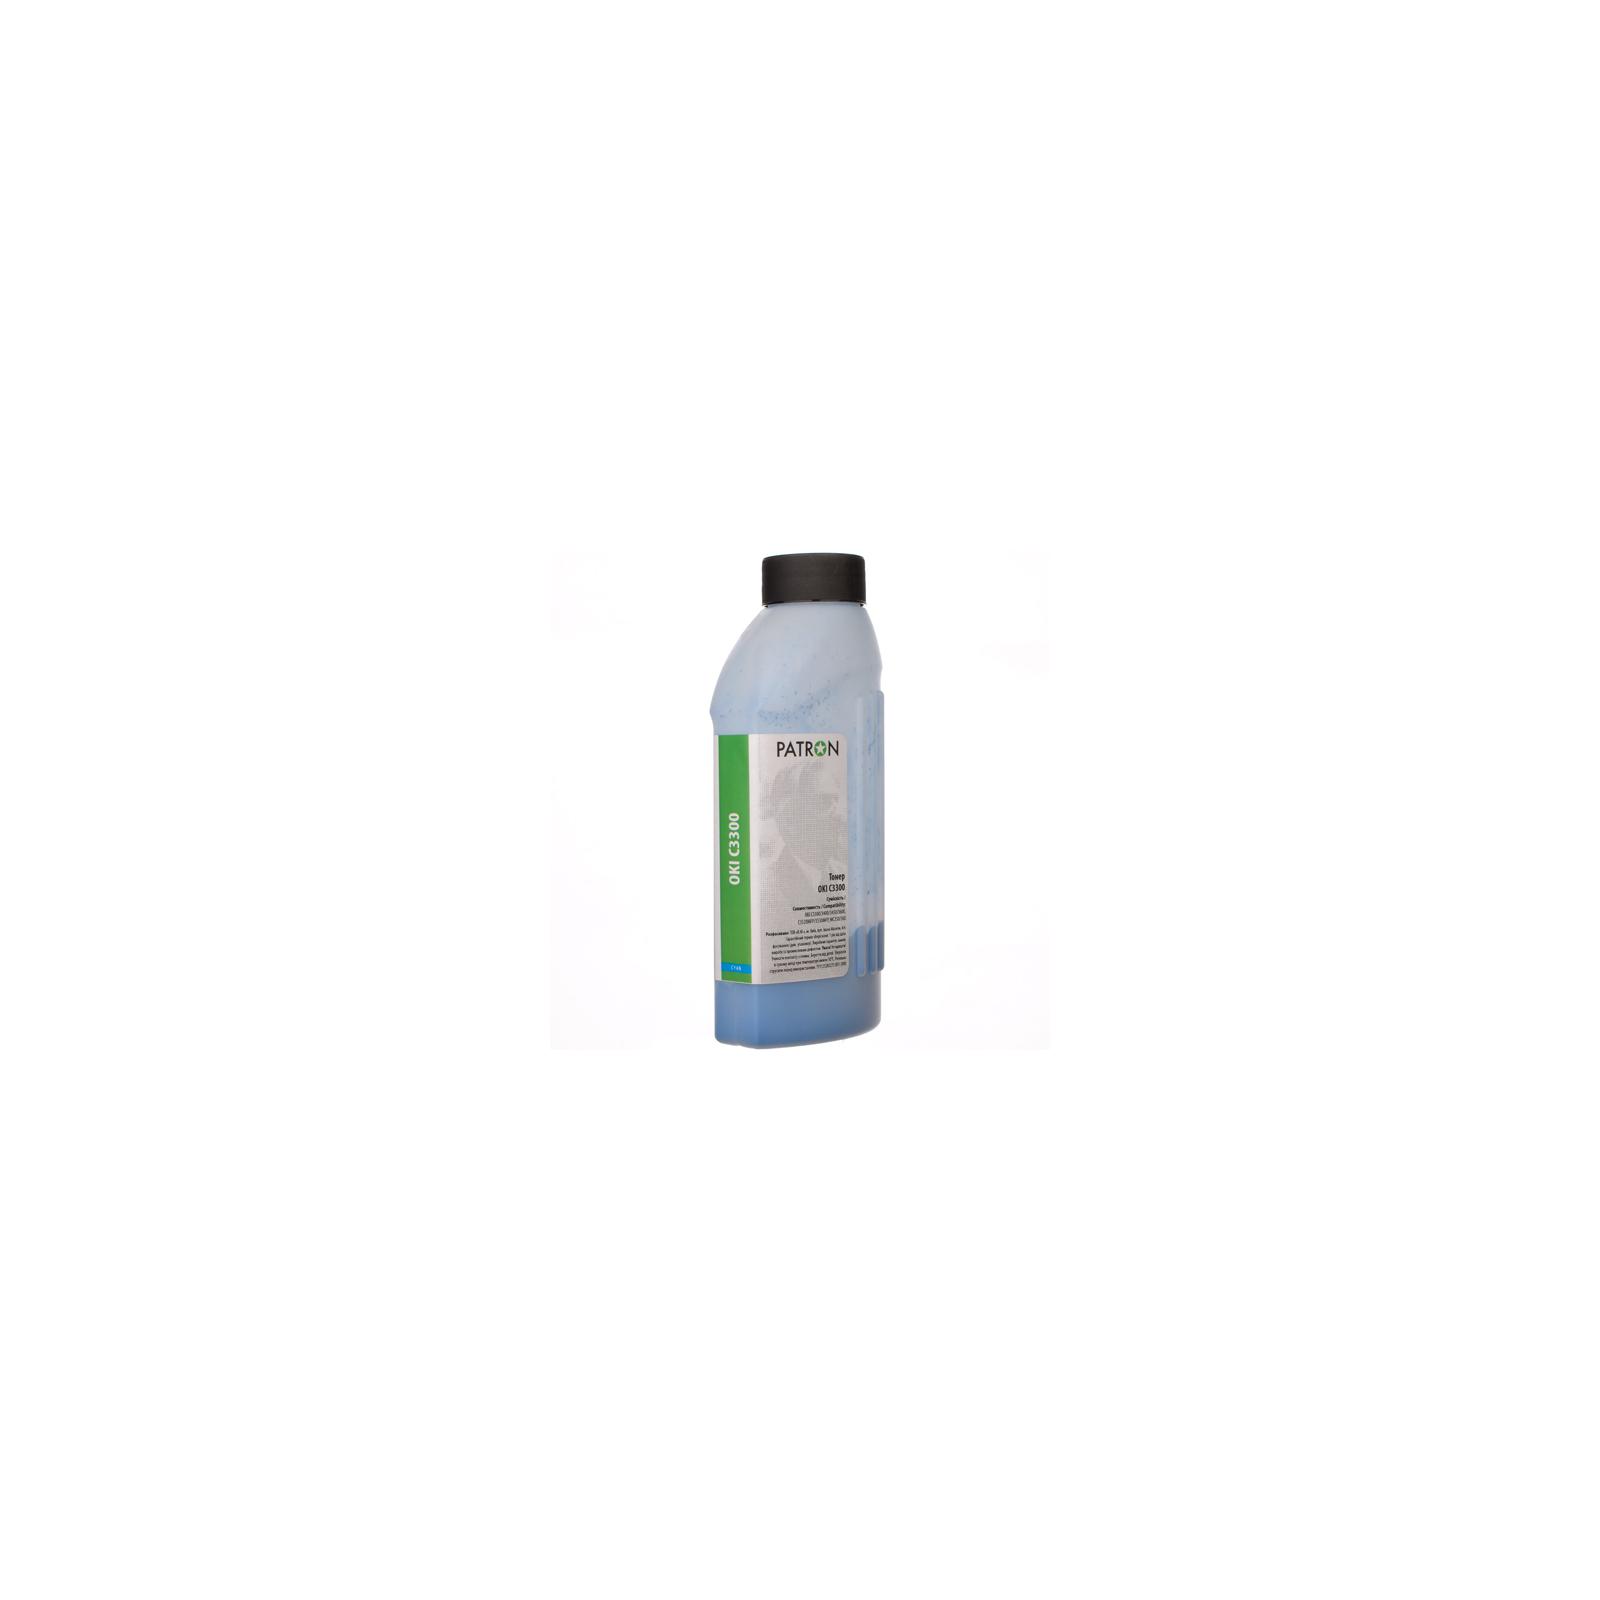 Тонер PATRON OKI C3300 CYAN 50г (T-PN-OC3300-C-050)